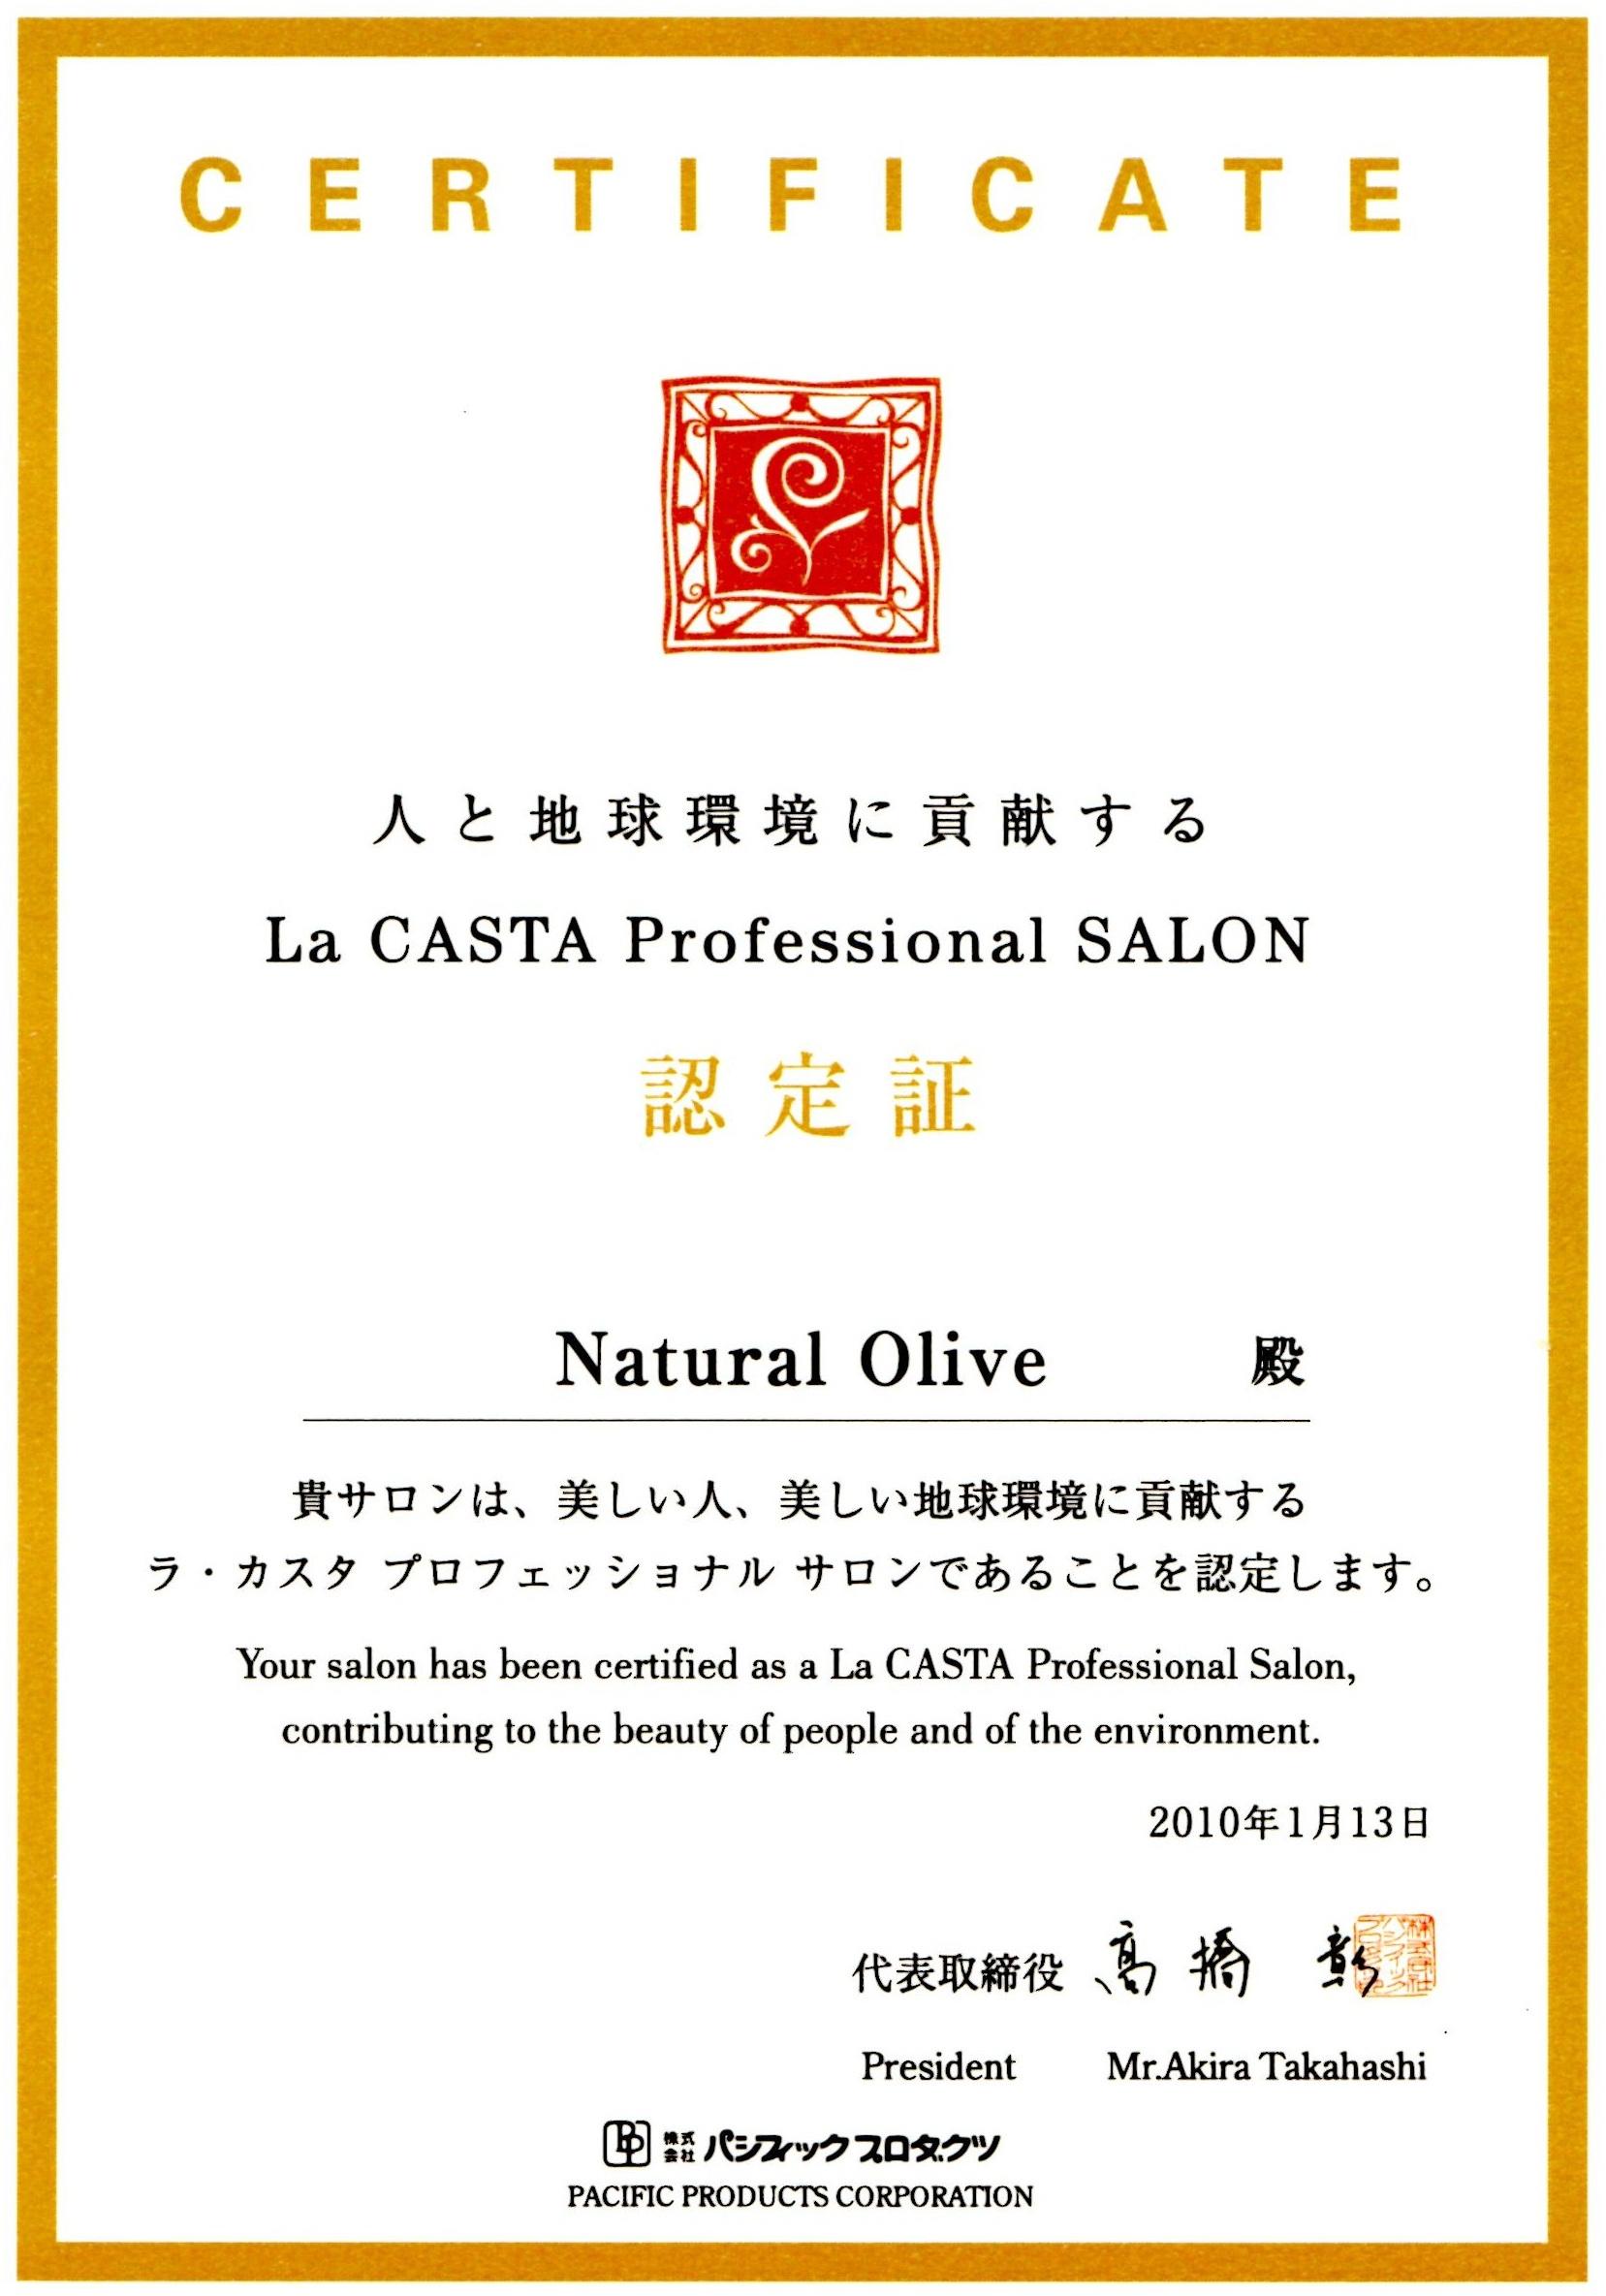 ラカスタ・プロフェッショナルサロン_e0131611_97228.jpg